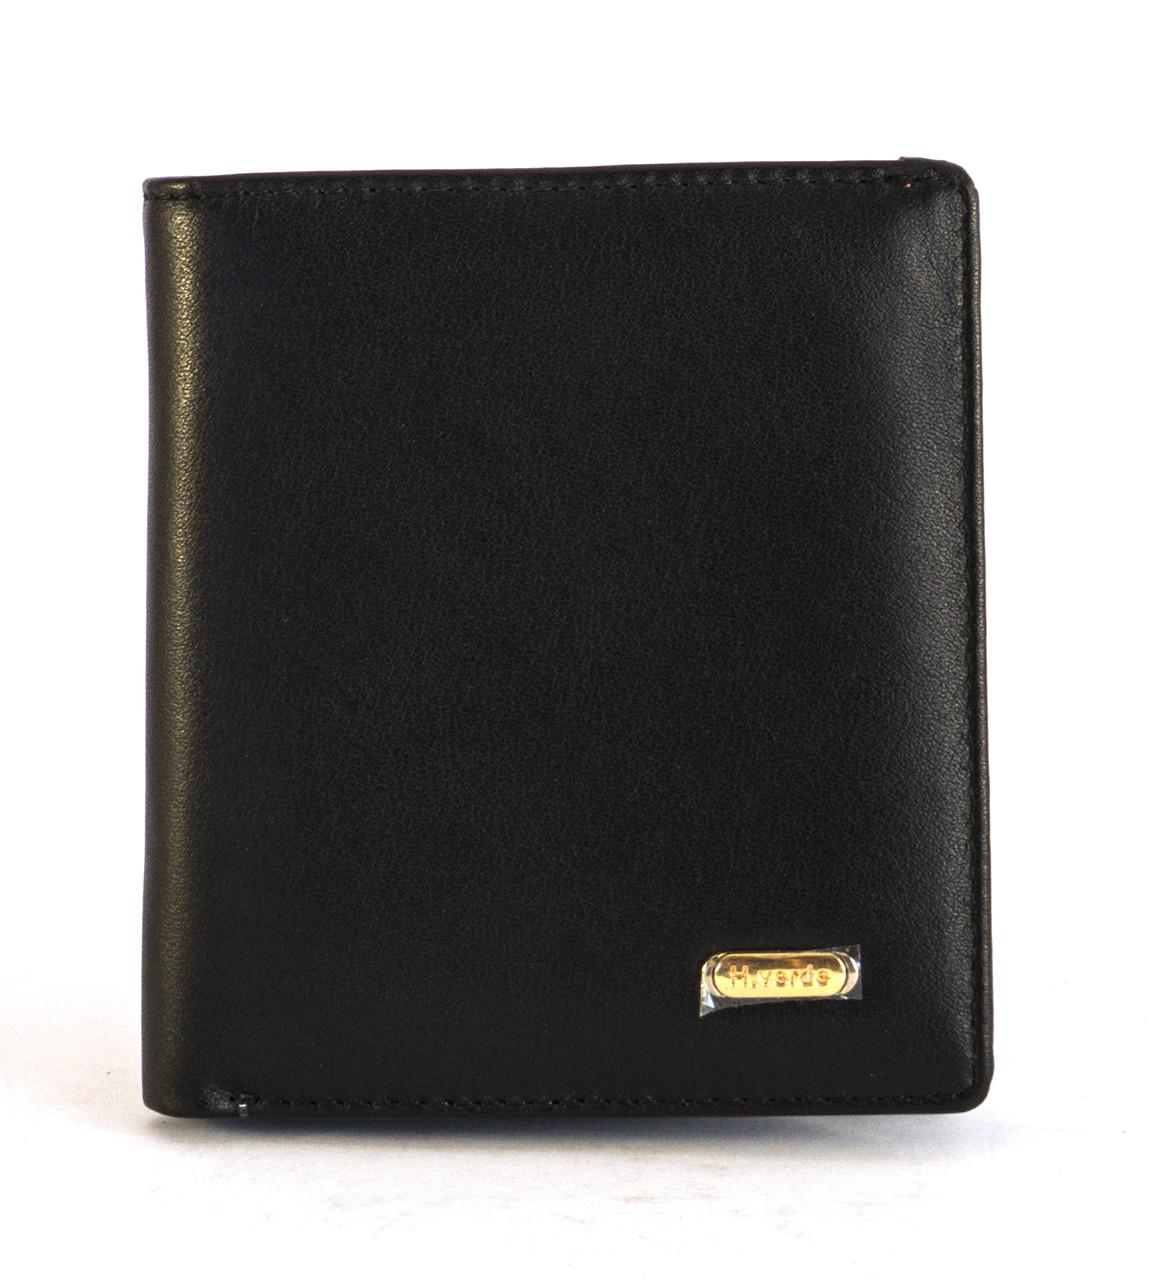 Красивый кожаный и удобный мужской кошелек H.VERDE art. 8550